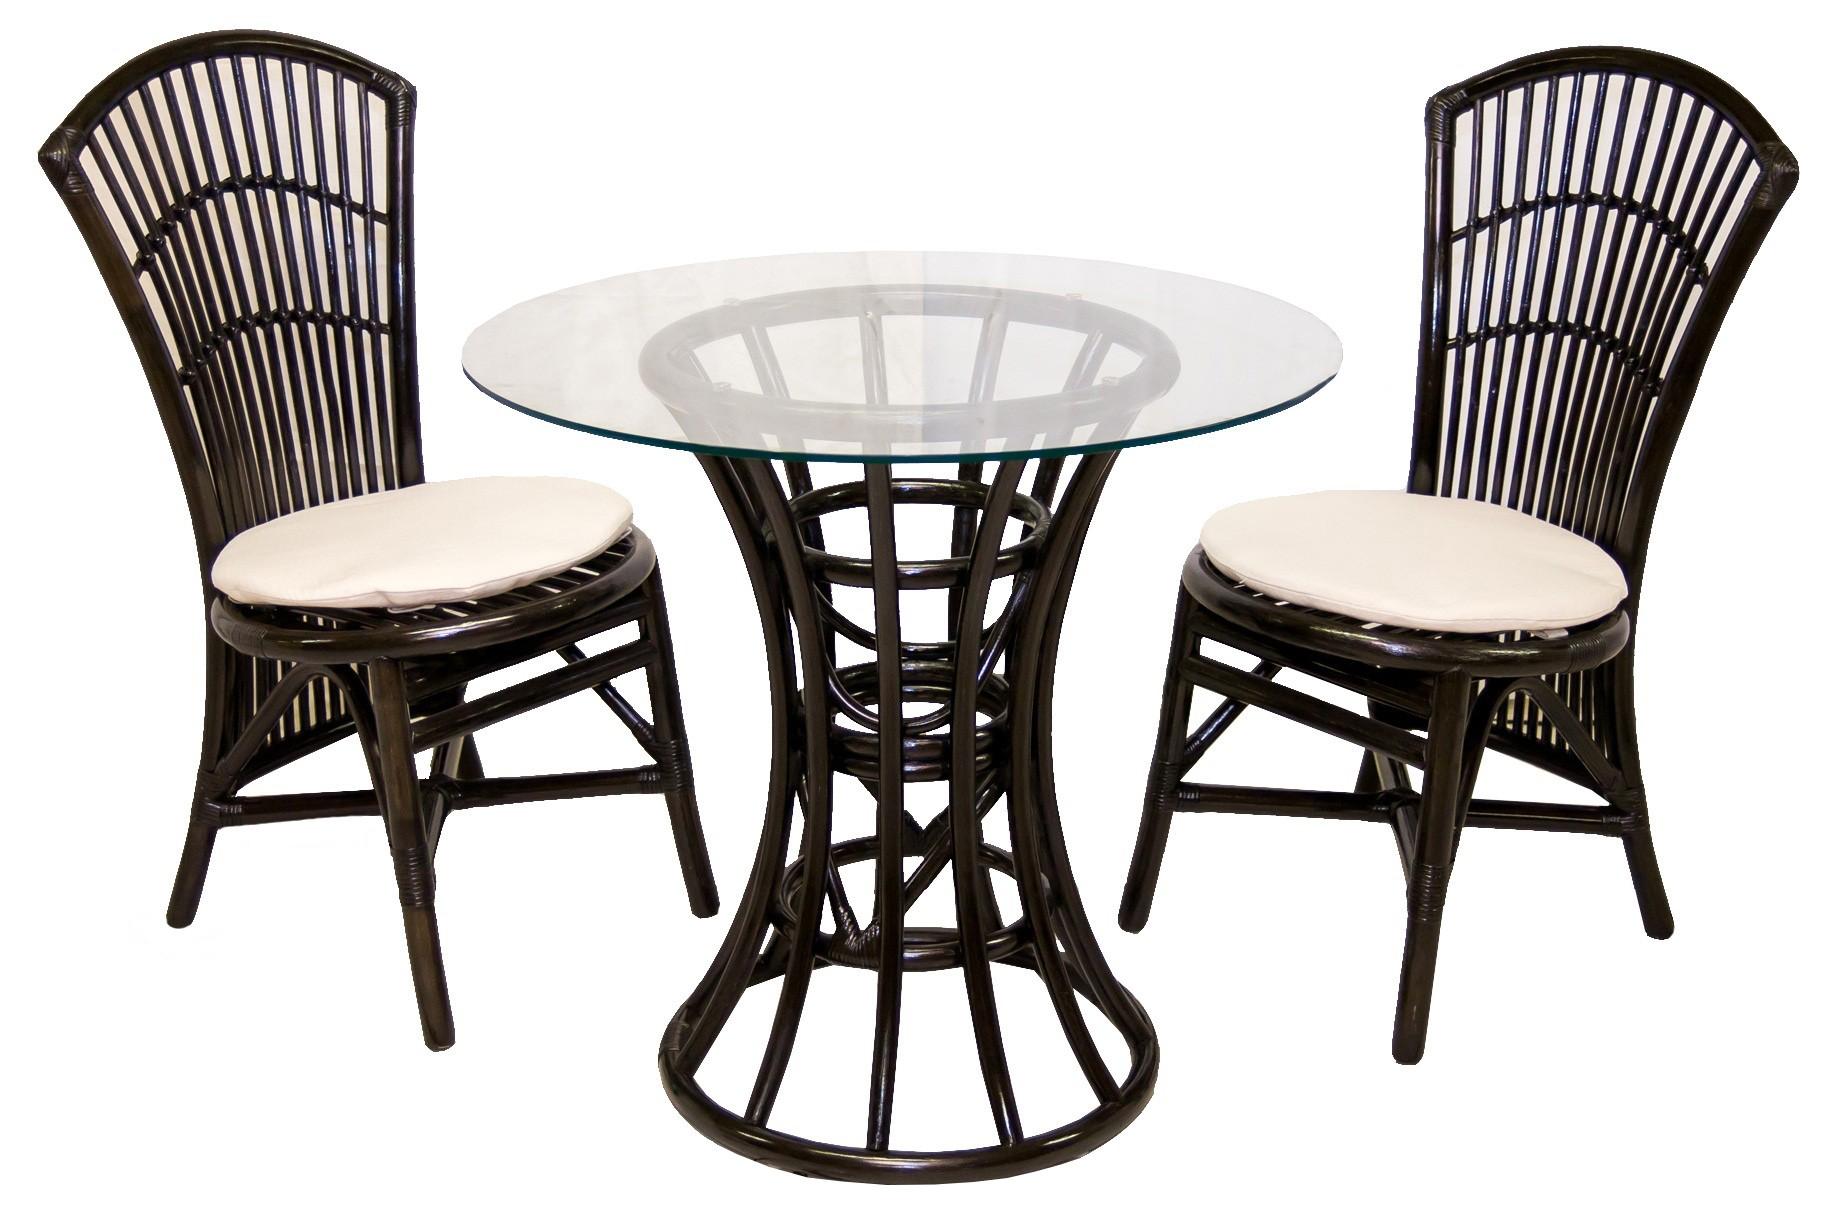 Кофейный комплект из ротанга GIKU Бистро black (стол и два стула)